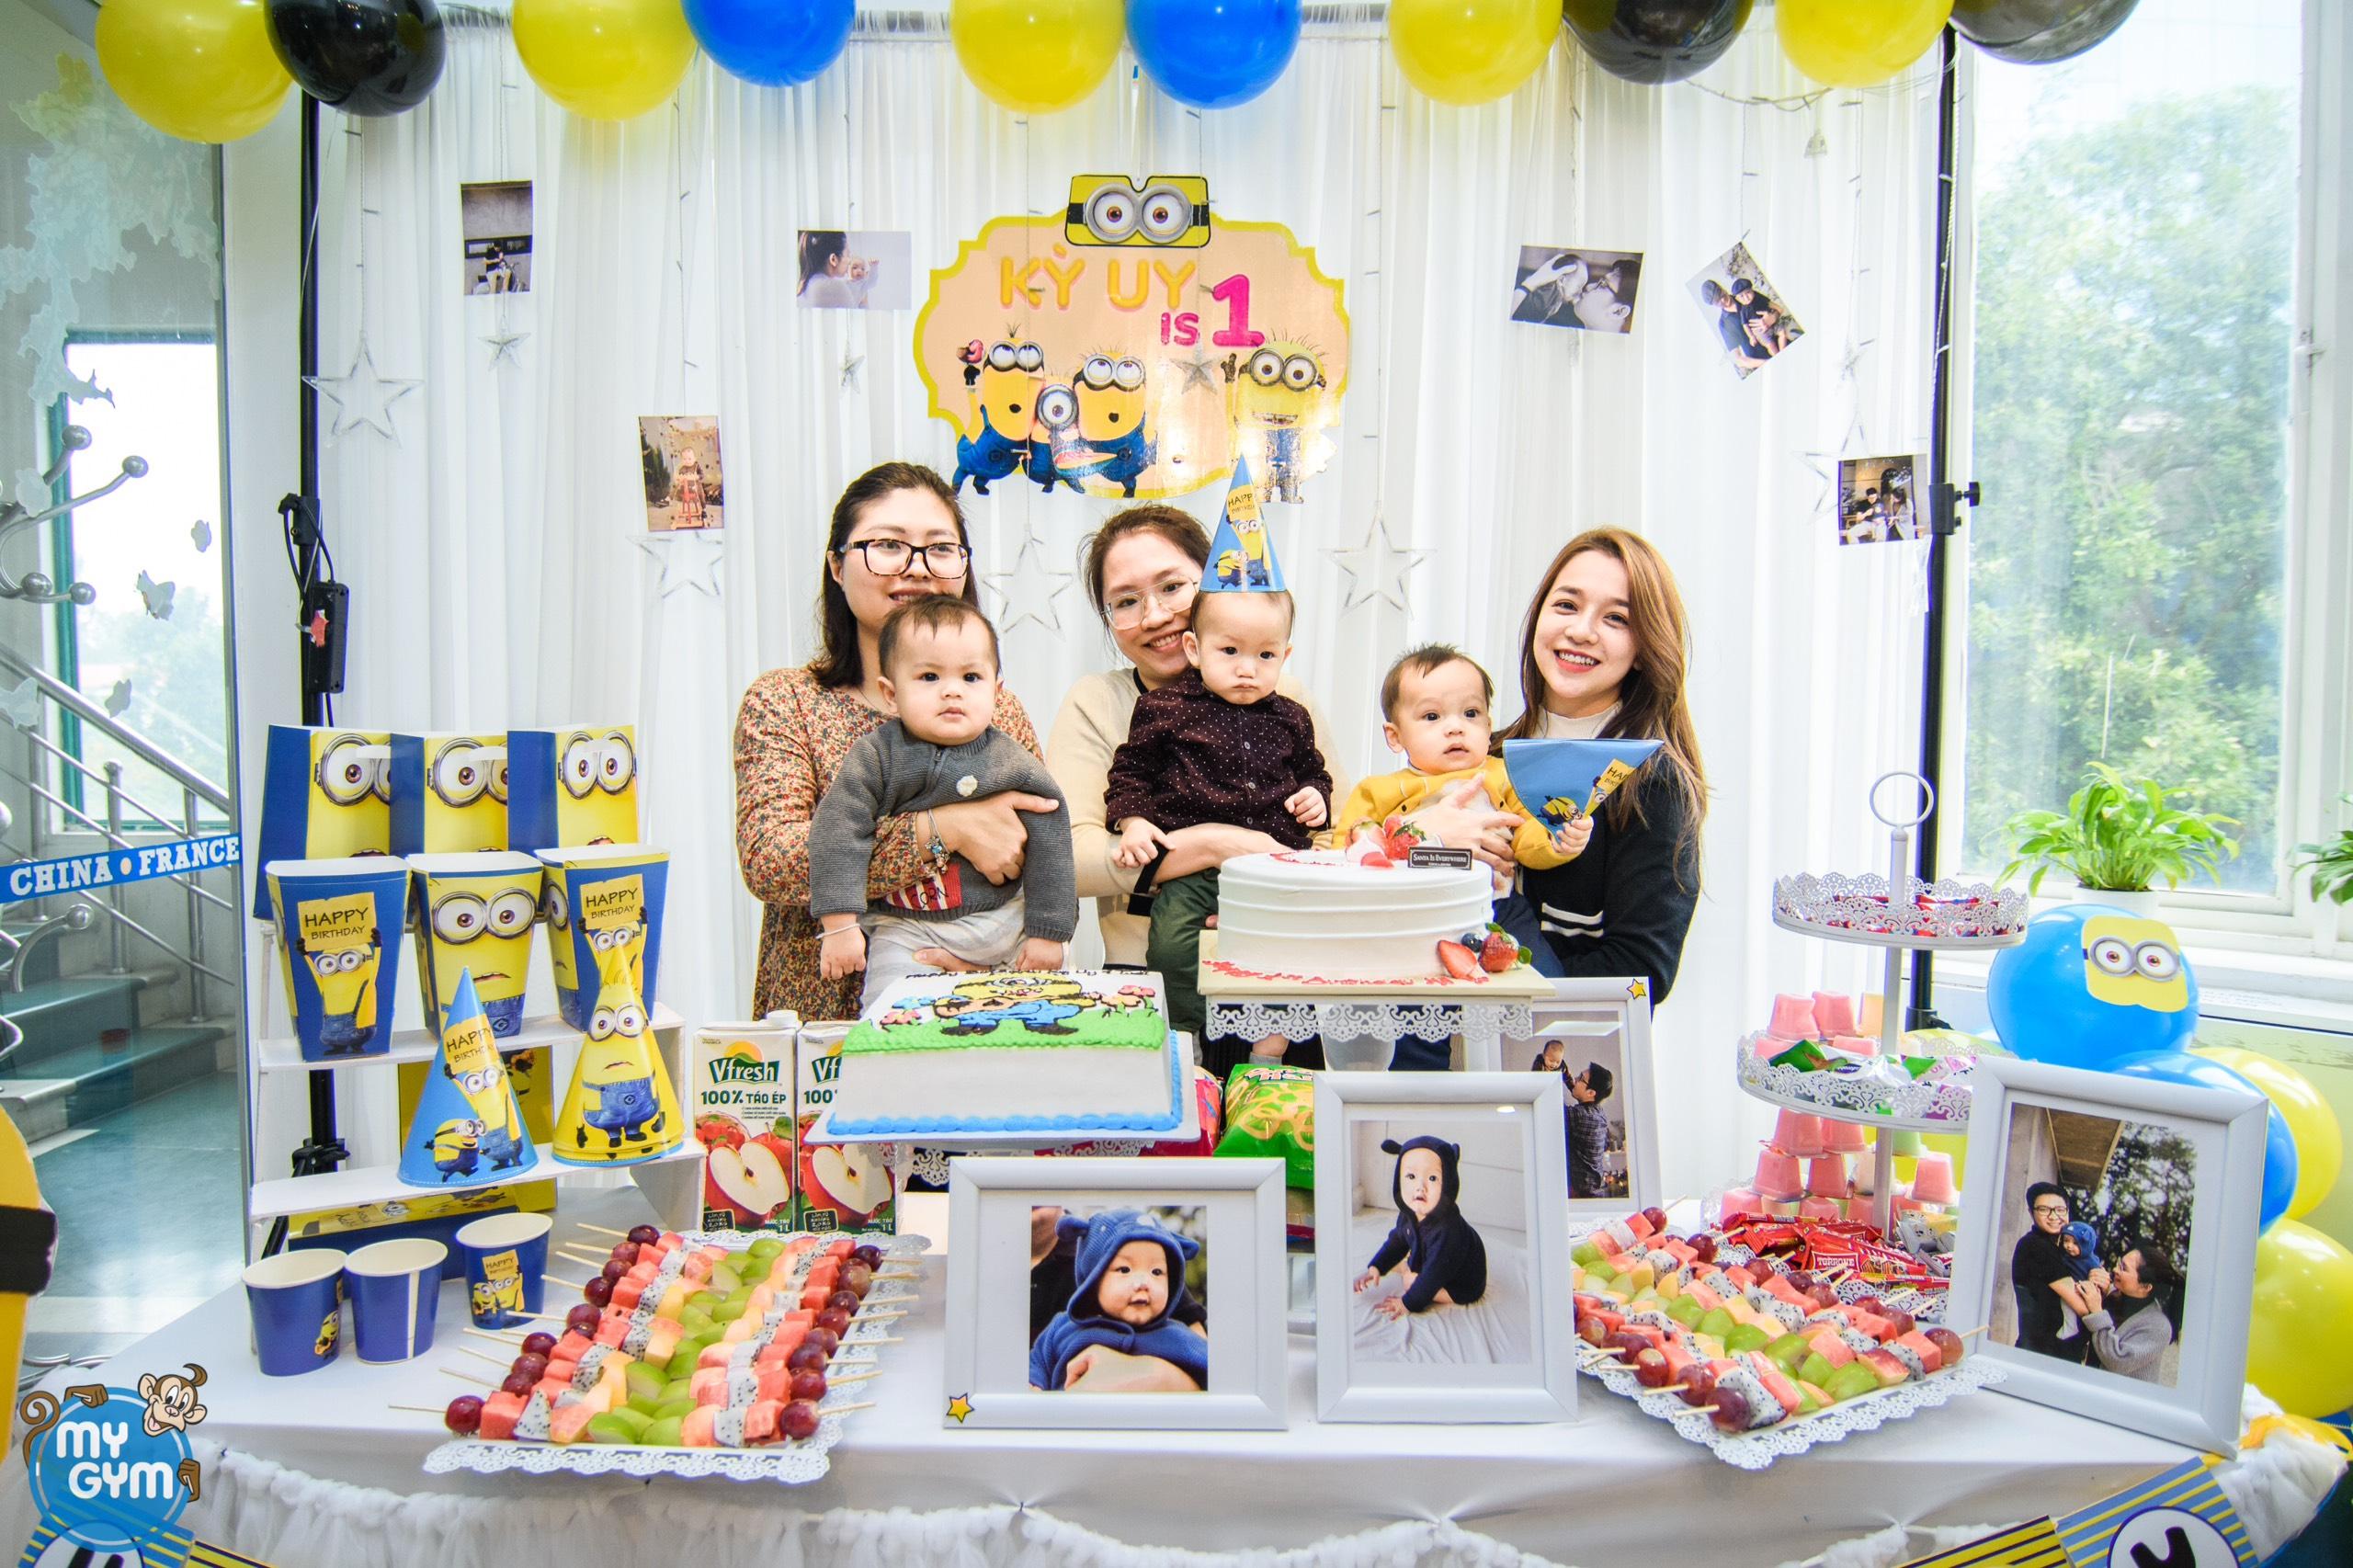 Ý tưởng tổ chức sinh nhật thật đặc biệt và mới lạ cho bé